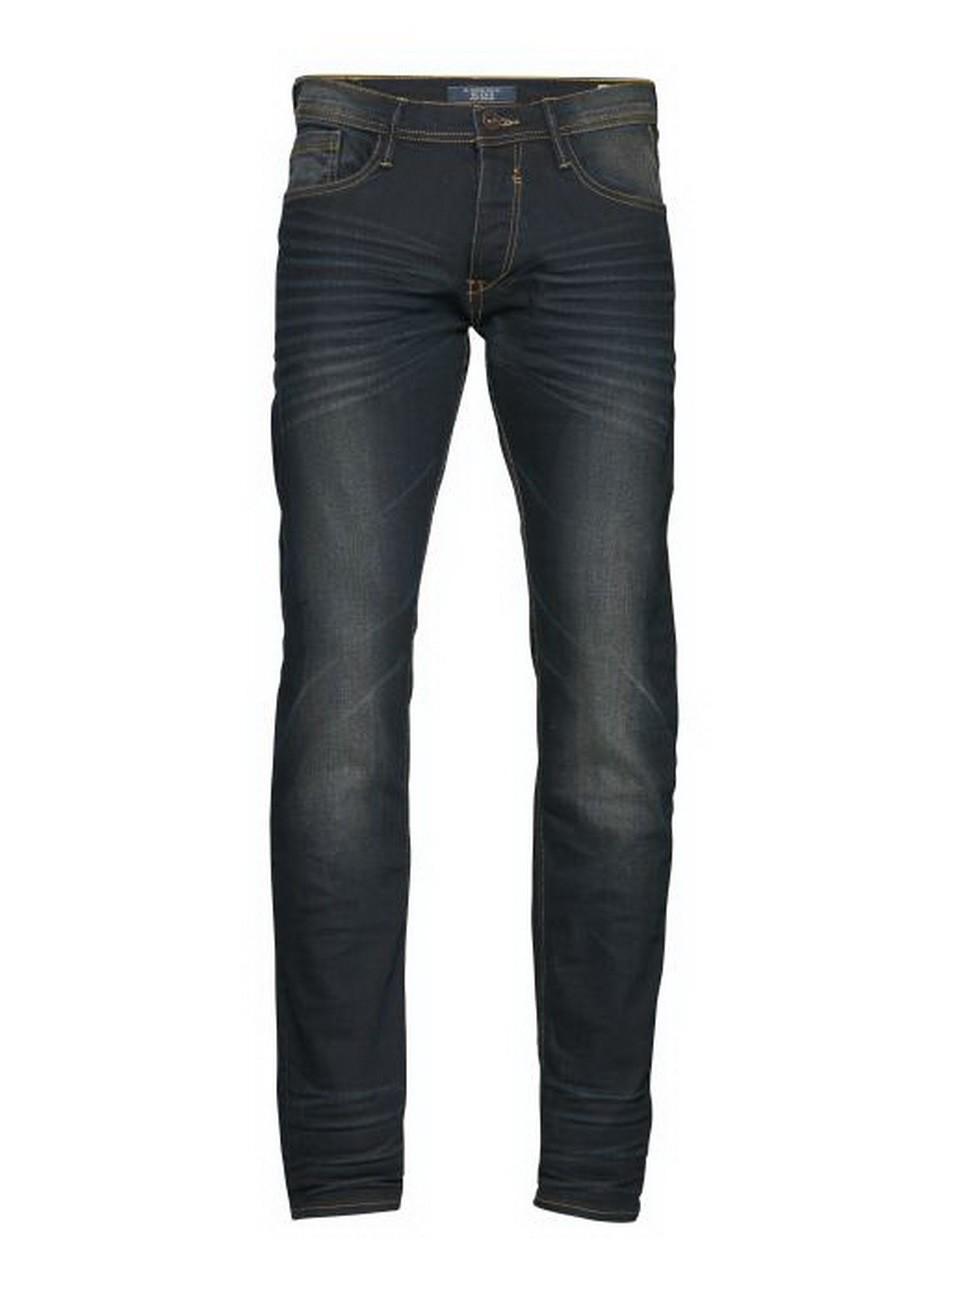 blend herren jeans twister slim fit blau denim. Black Bedroom Furniture Sets. Home Design Ideas